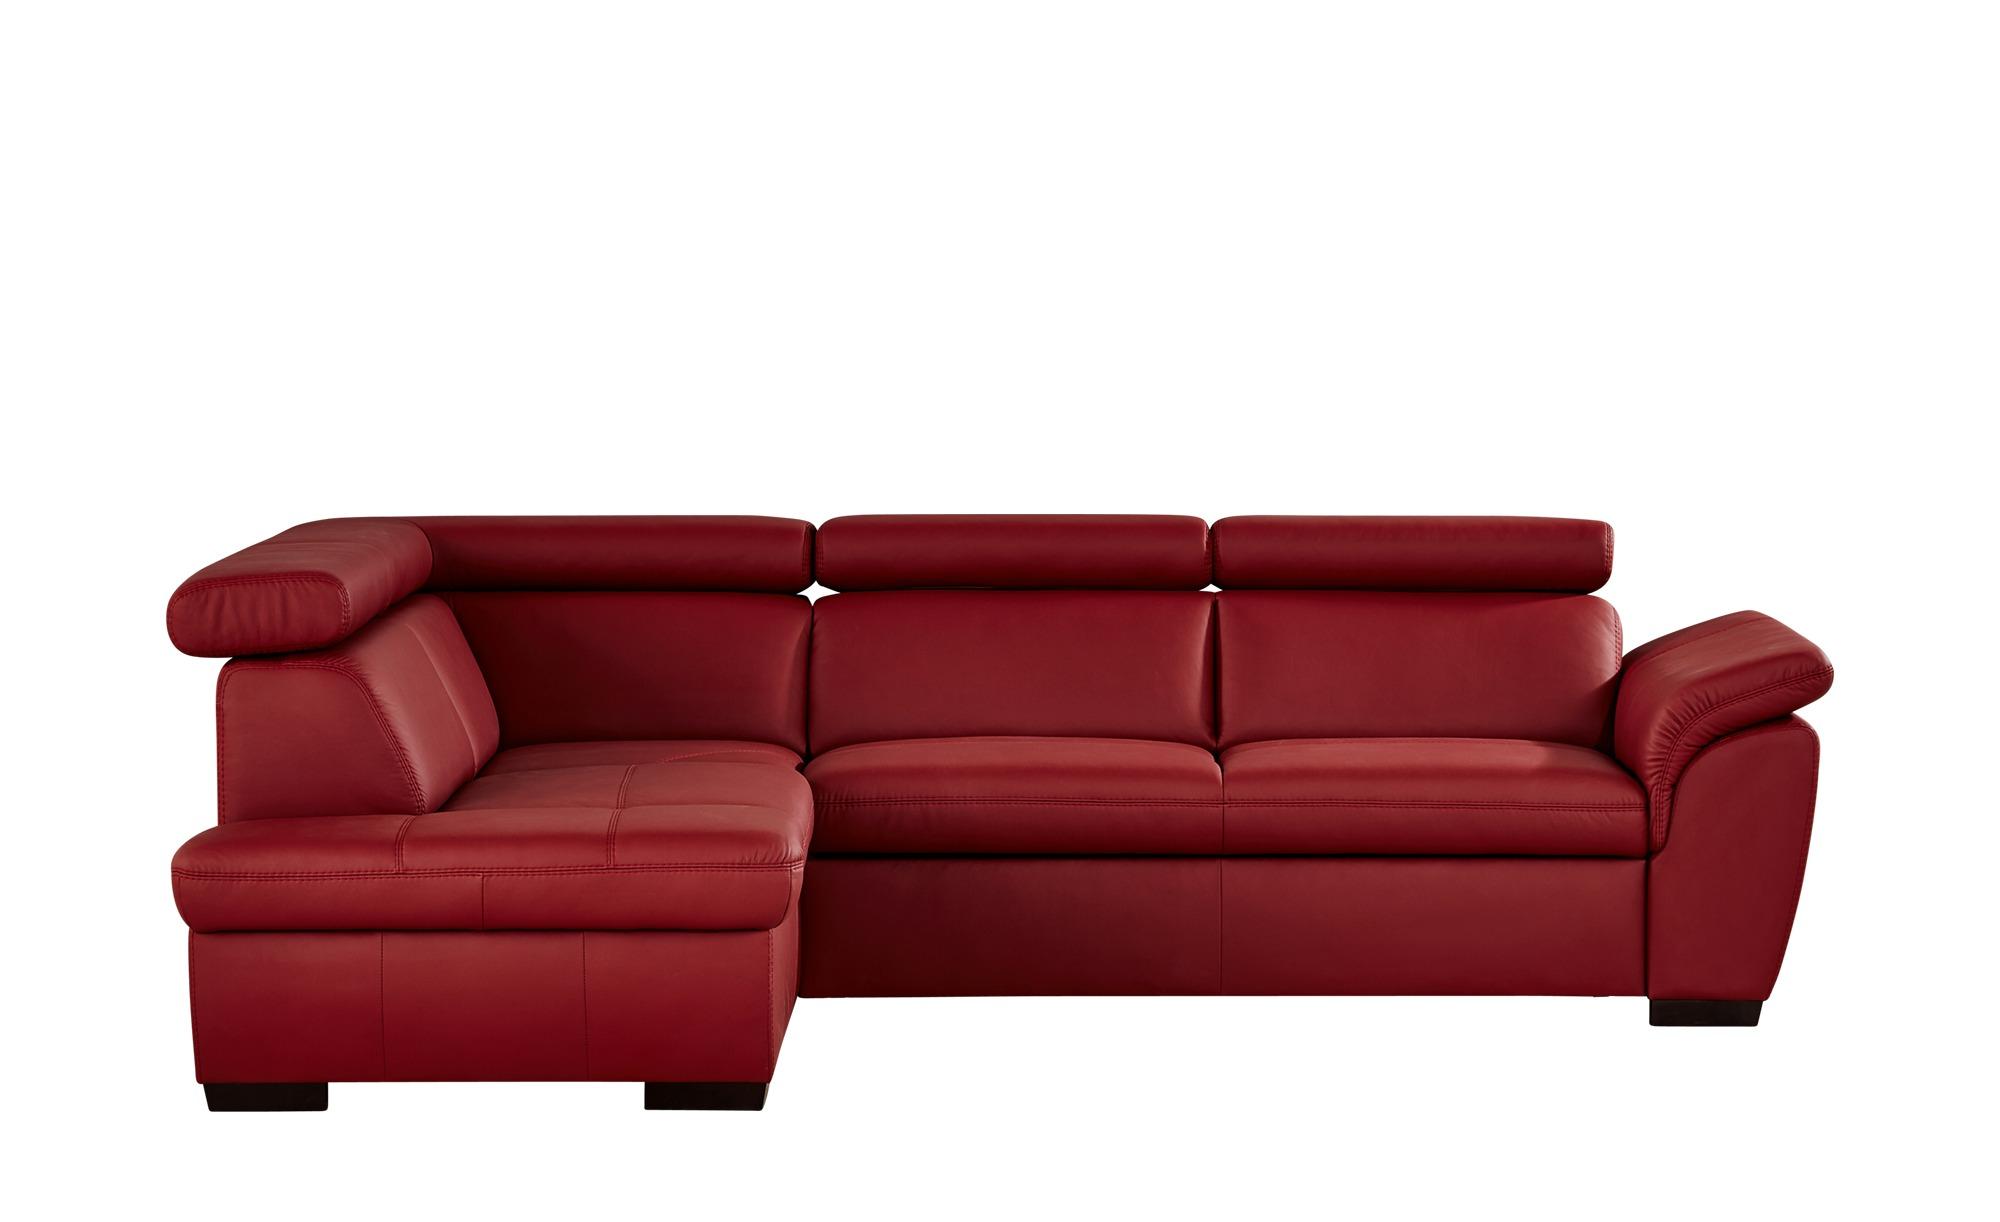 uno ecksofa aus leder samantha breite h he 82 cm rot online kaufen bei woonio. Black Bedroom Furniture Sets. Home Design Ideas